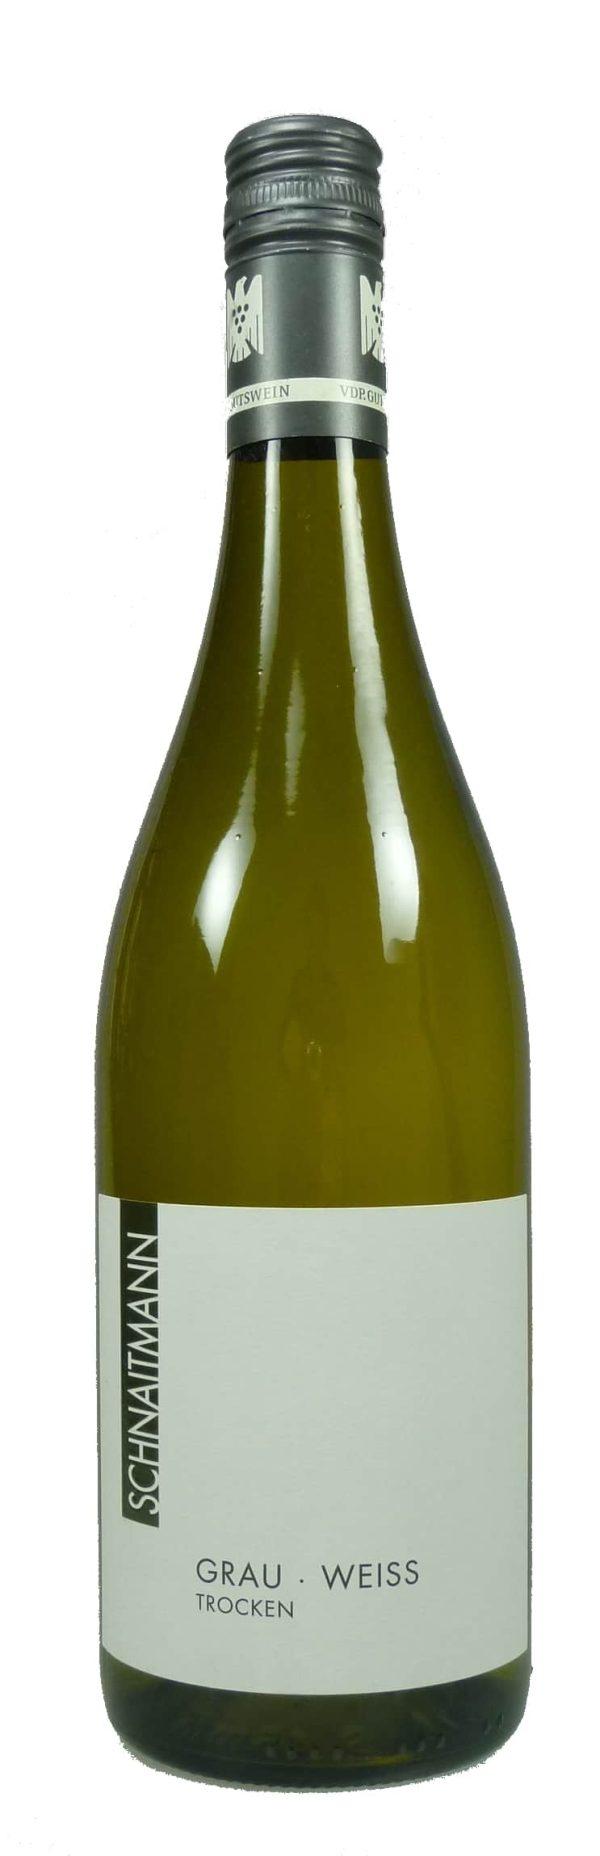 Grau-Weiß Qualitätswein trocken 2016